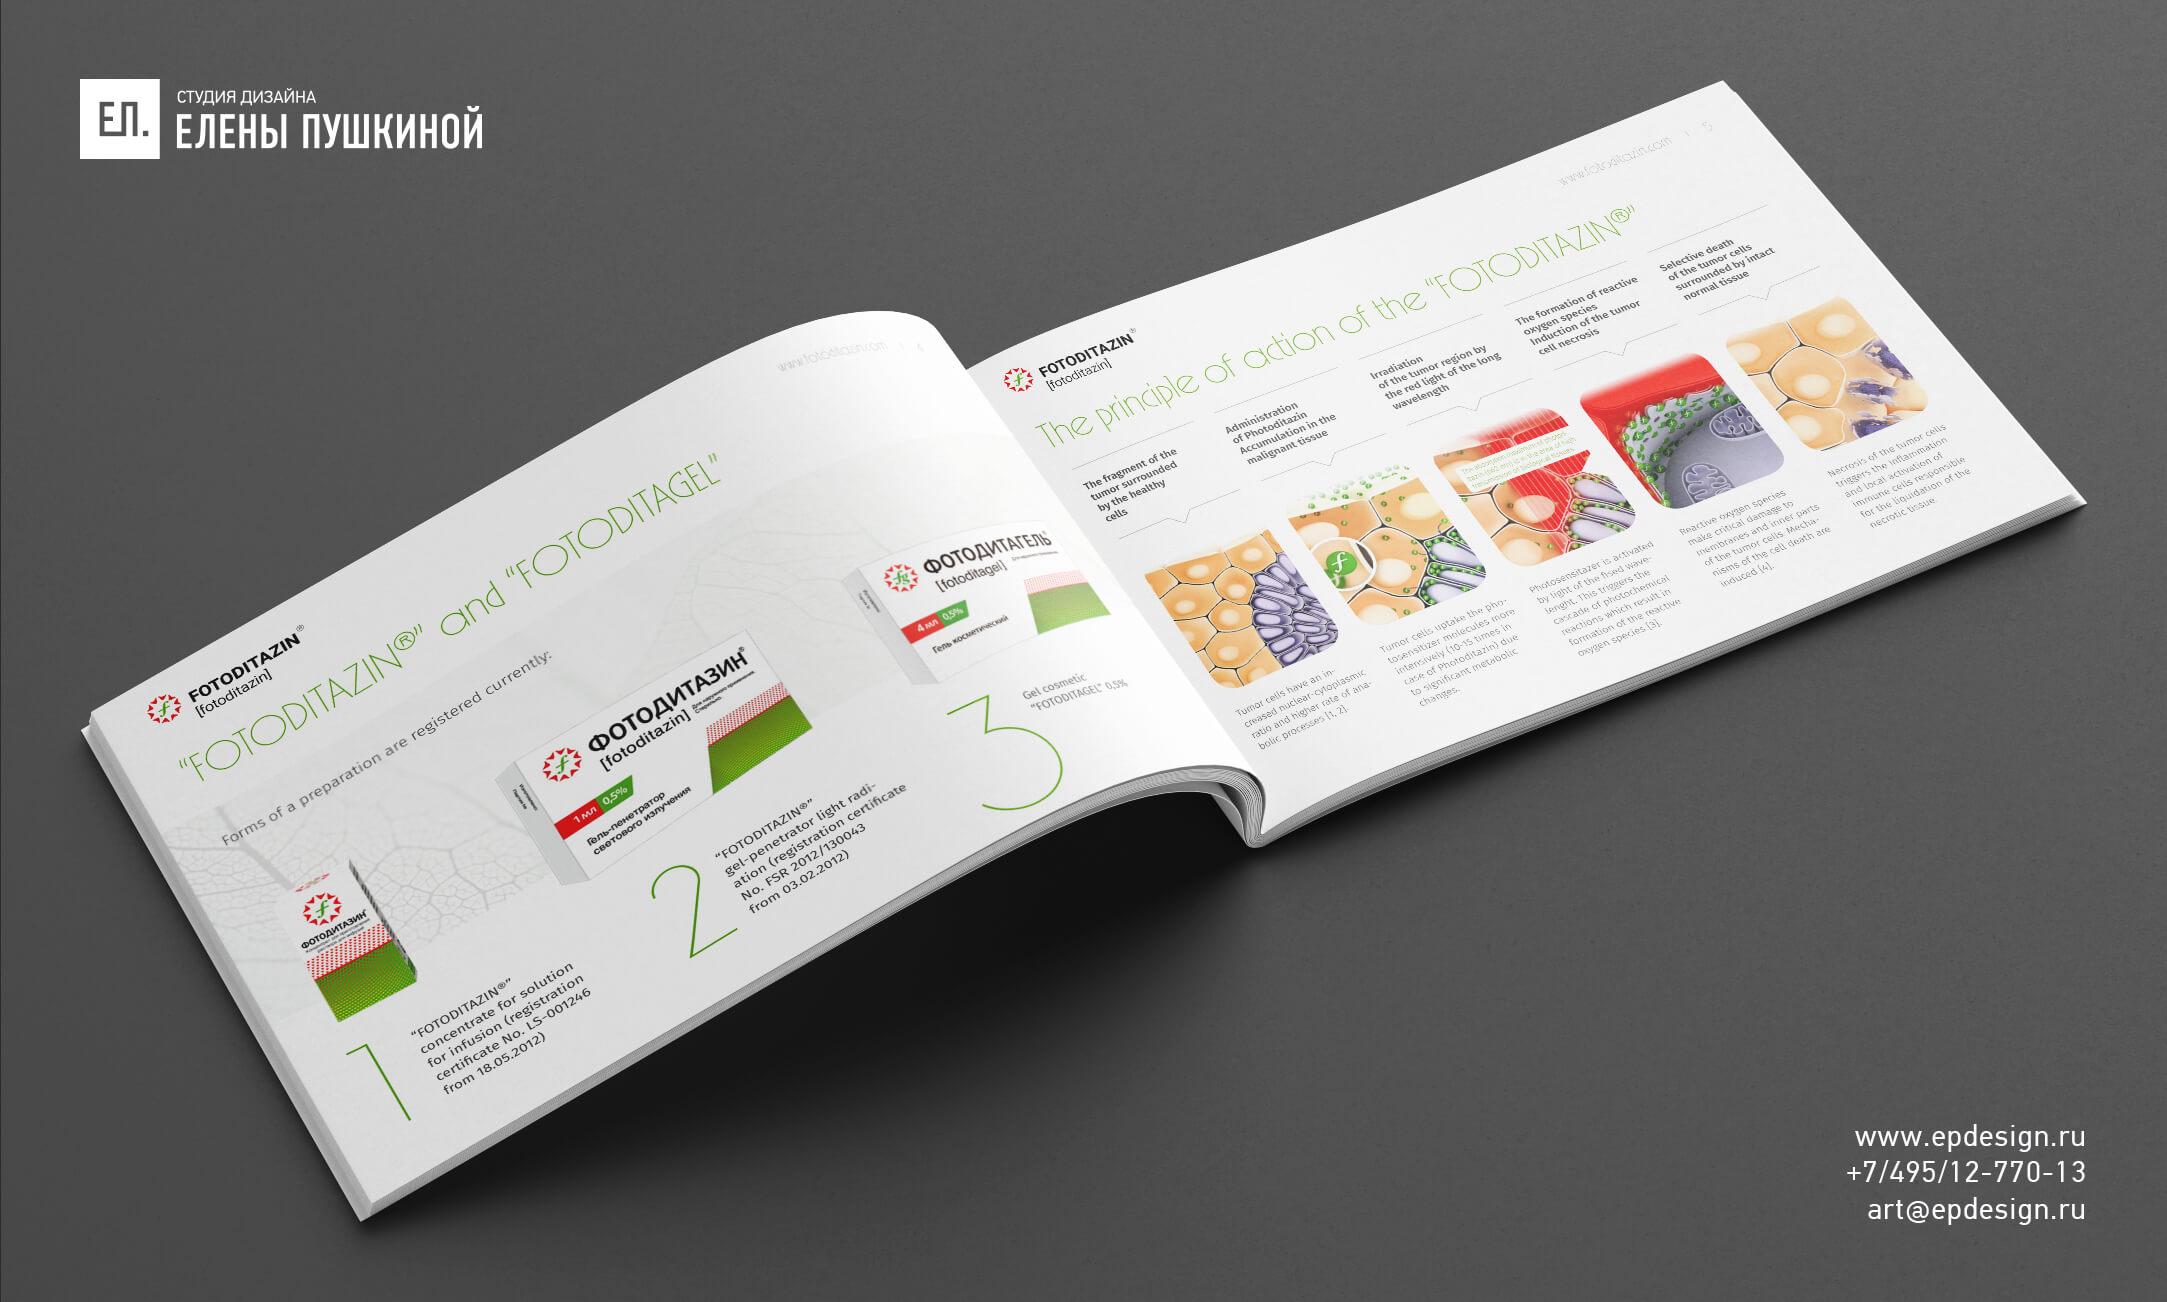 Рекламная брошюра-презентазия ТМ «ФОТОДИТАЗИН»— дизайн с«нуля» обложки, макета, инфографики ивёрстка брошюры Дизайн брошюр, буклетов Портфолио